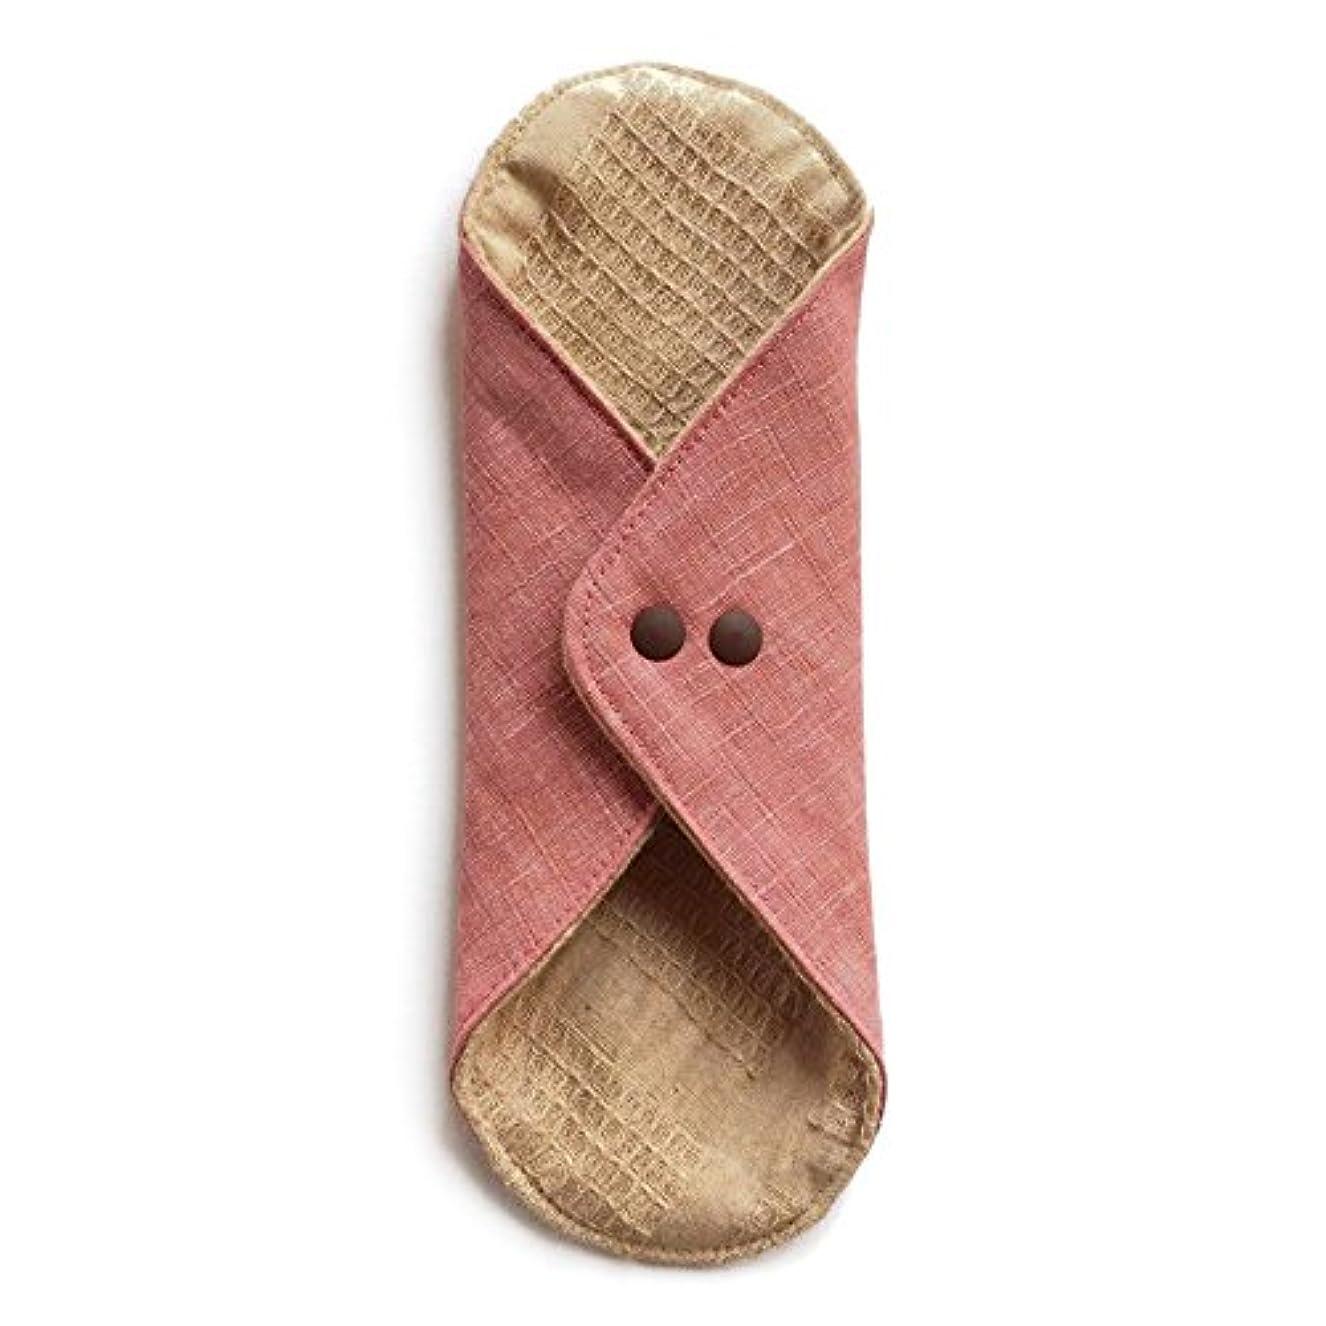 塊ランチ黙認する華布のオーガニックコットンのあたため布 Lサイズ (約18×約20.5×約0.5cm) 彩り(桃)